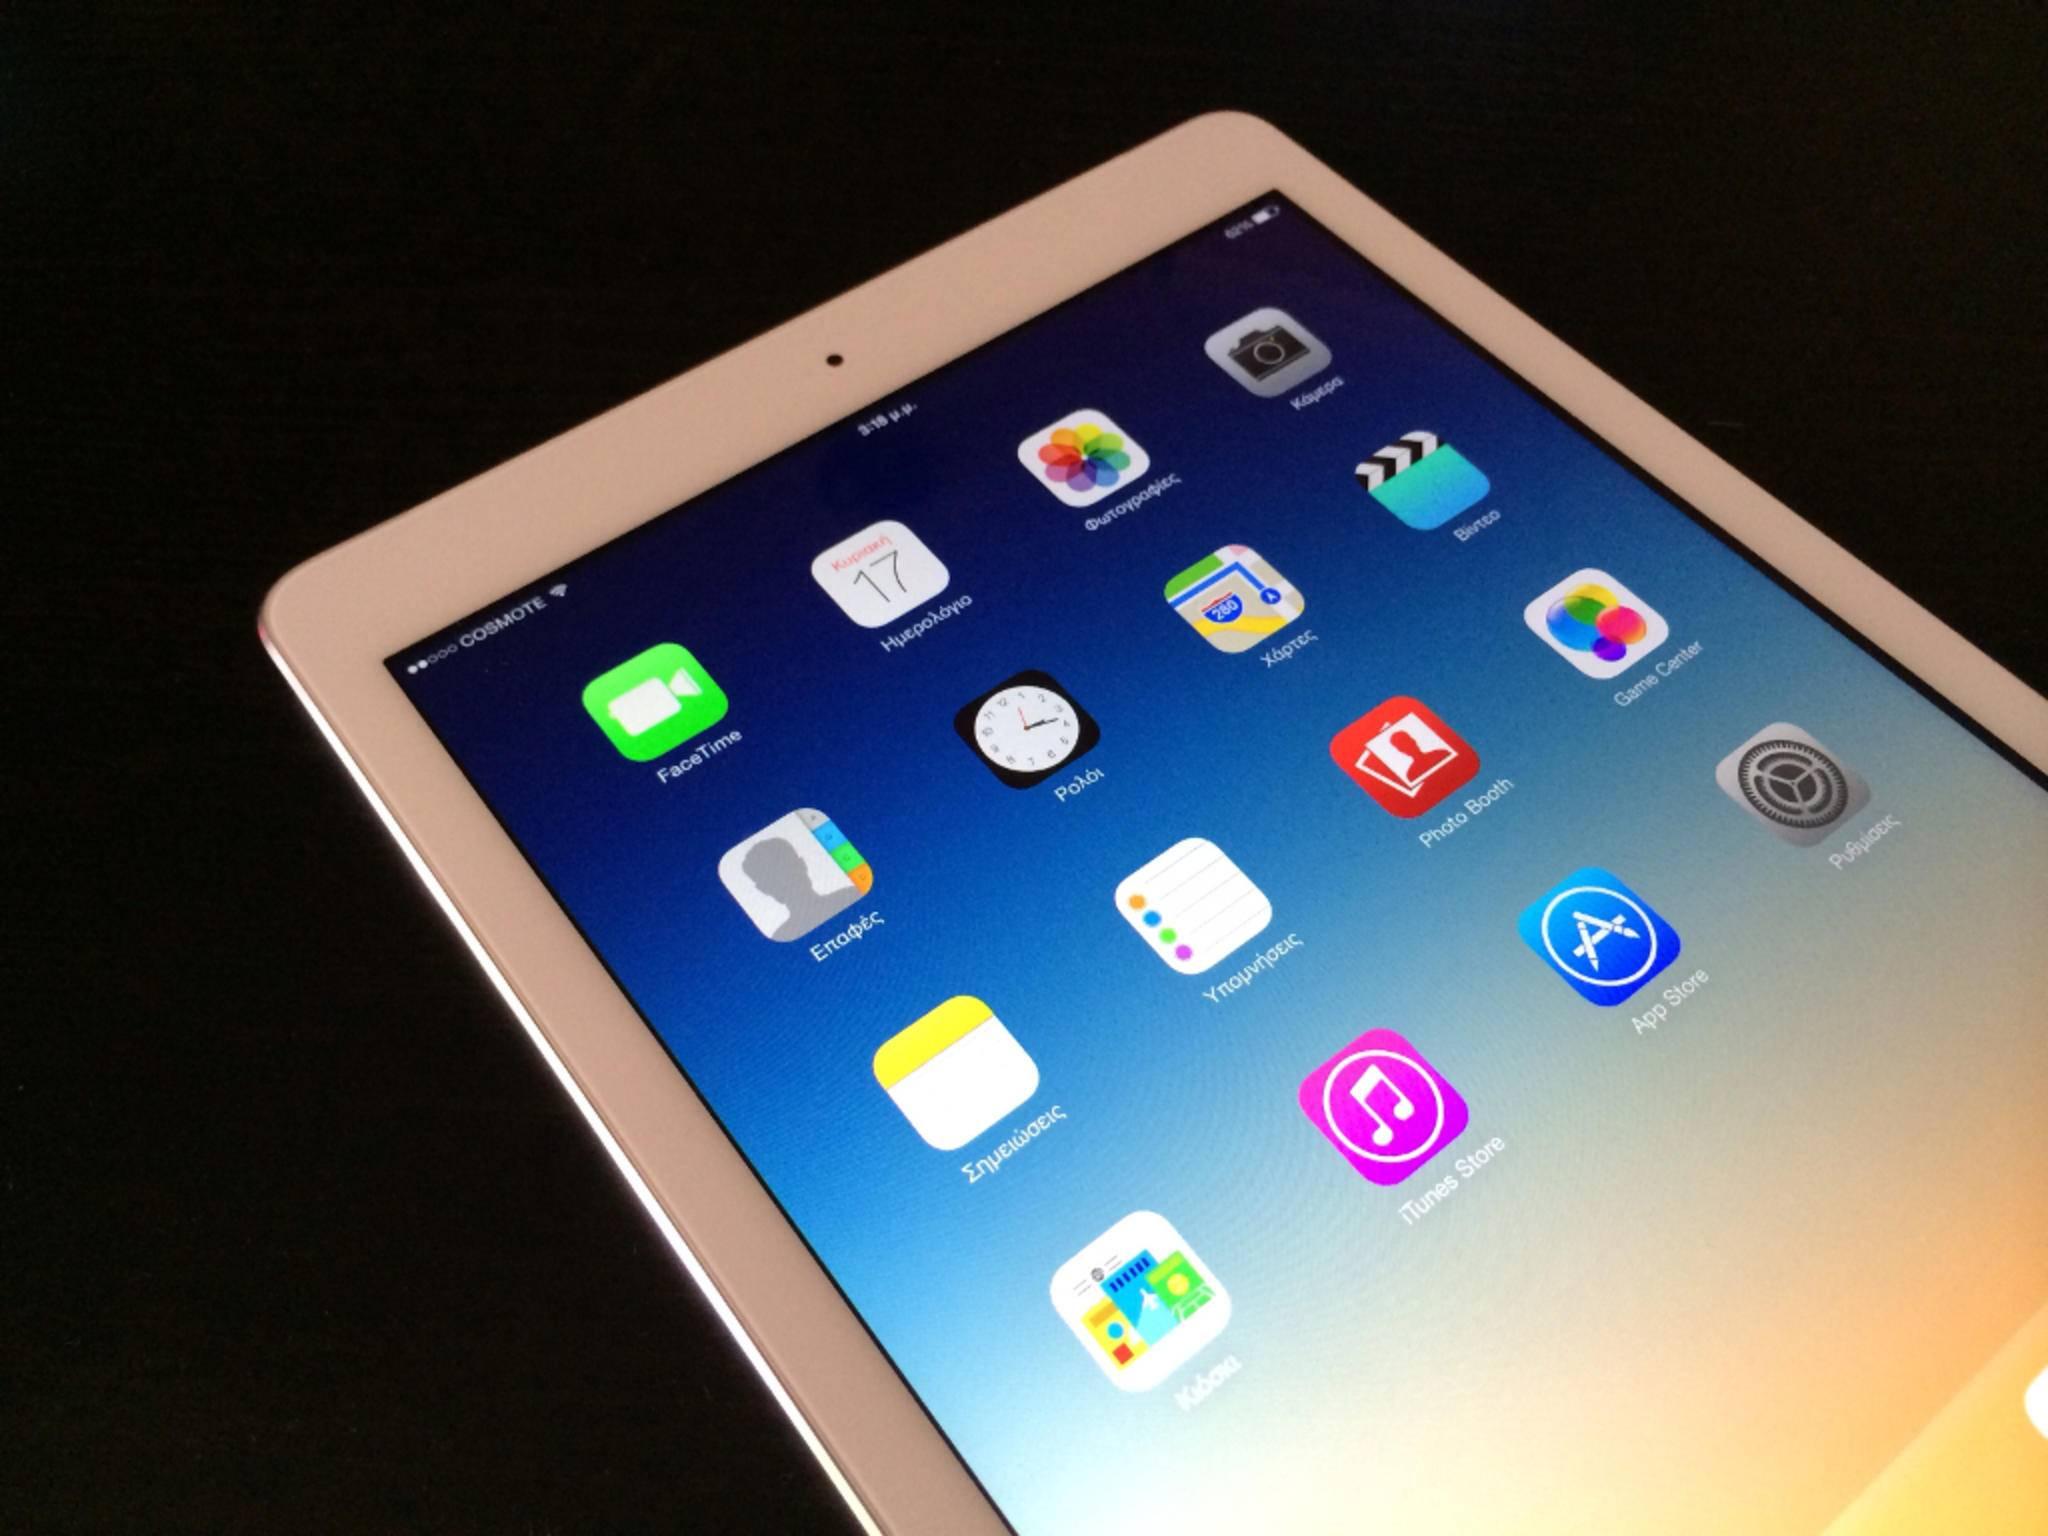 Wenn das iPad nicht mehr reagiert, hilft im Notfall ein Hard Reset.